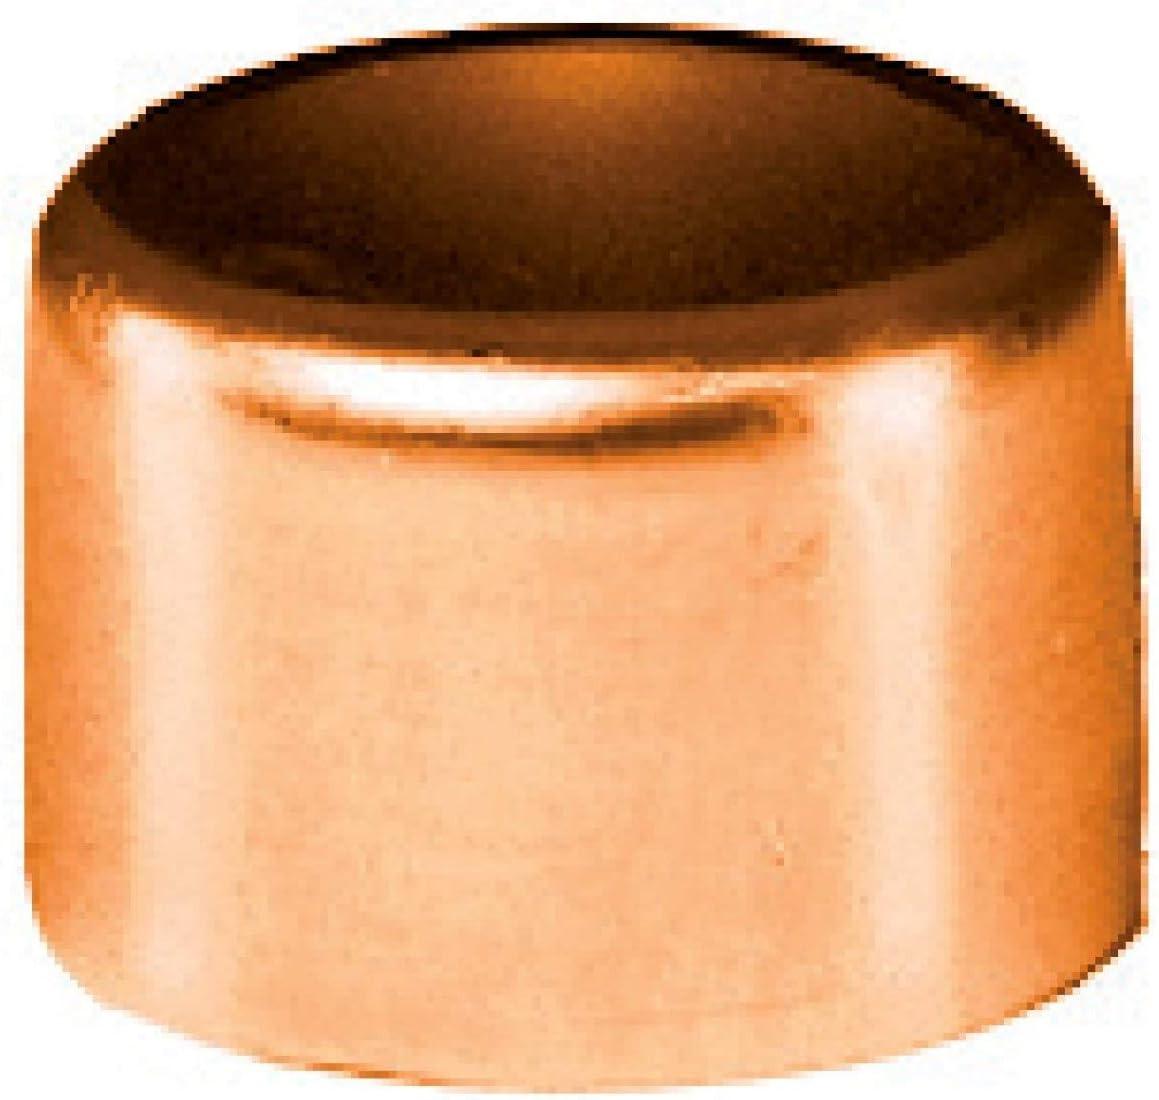 femelle bouchon /à souder en cuivre sachet de 2 diam/ètre 12 mm